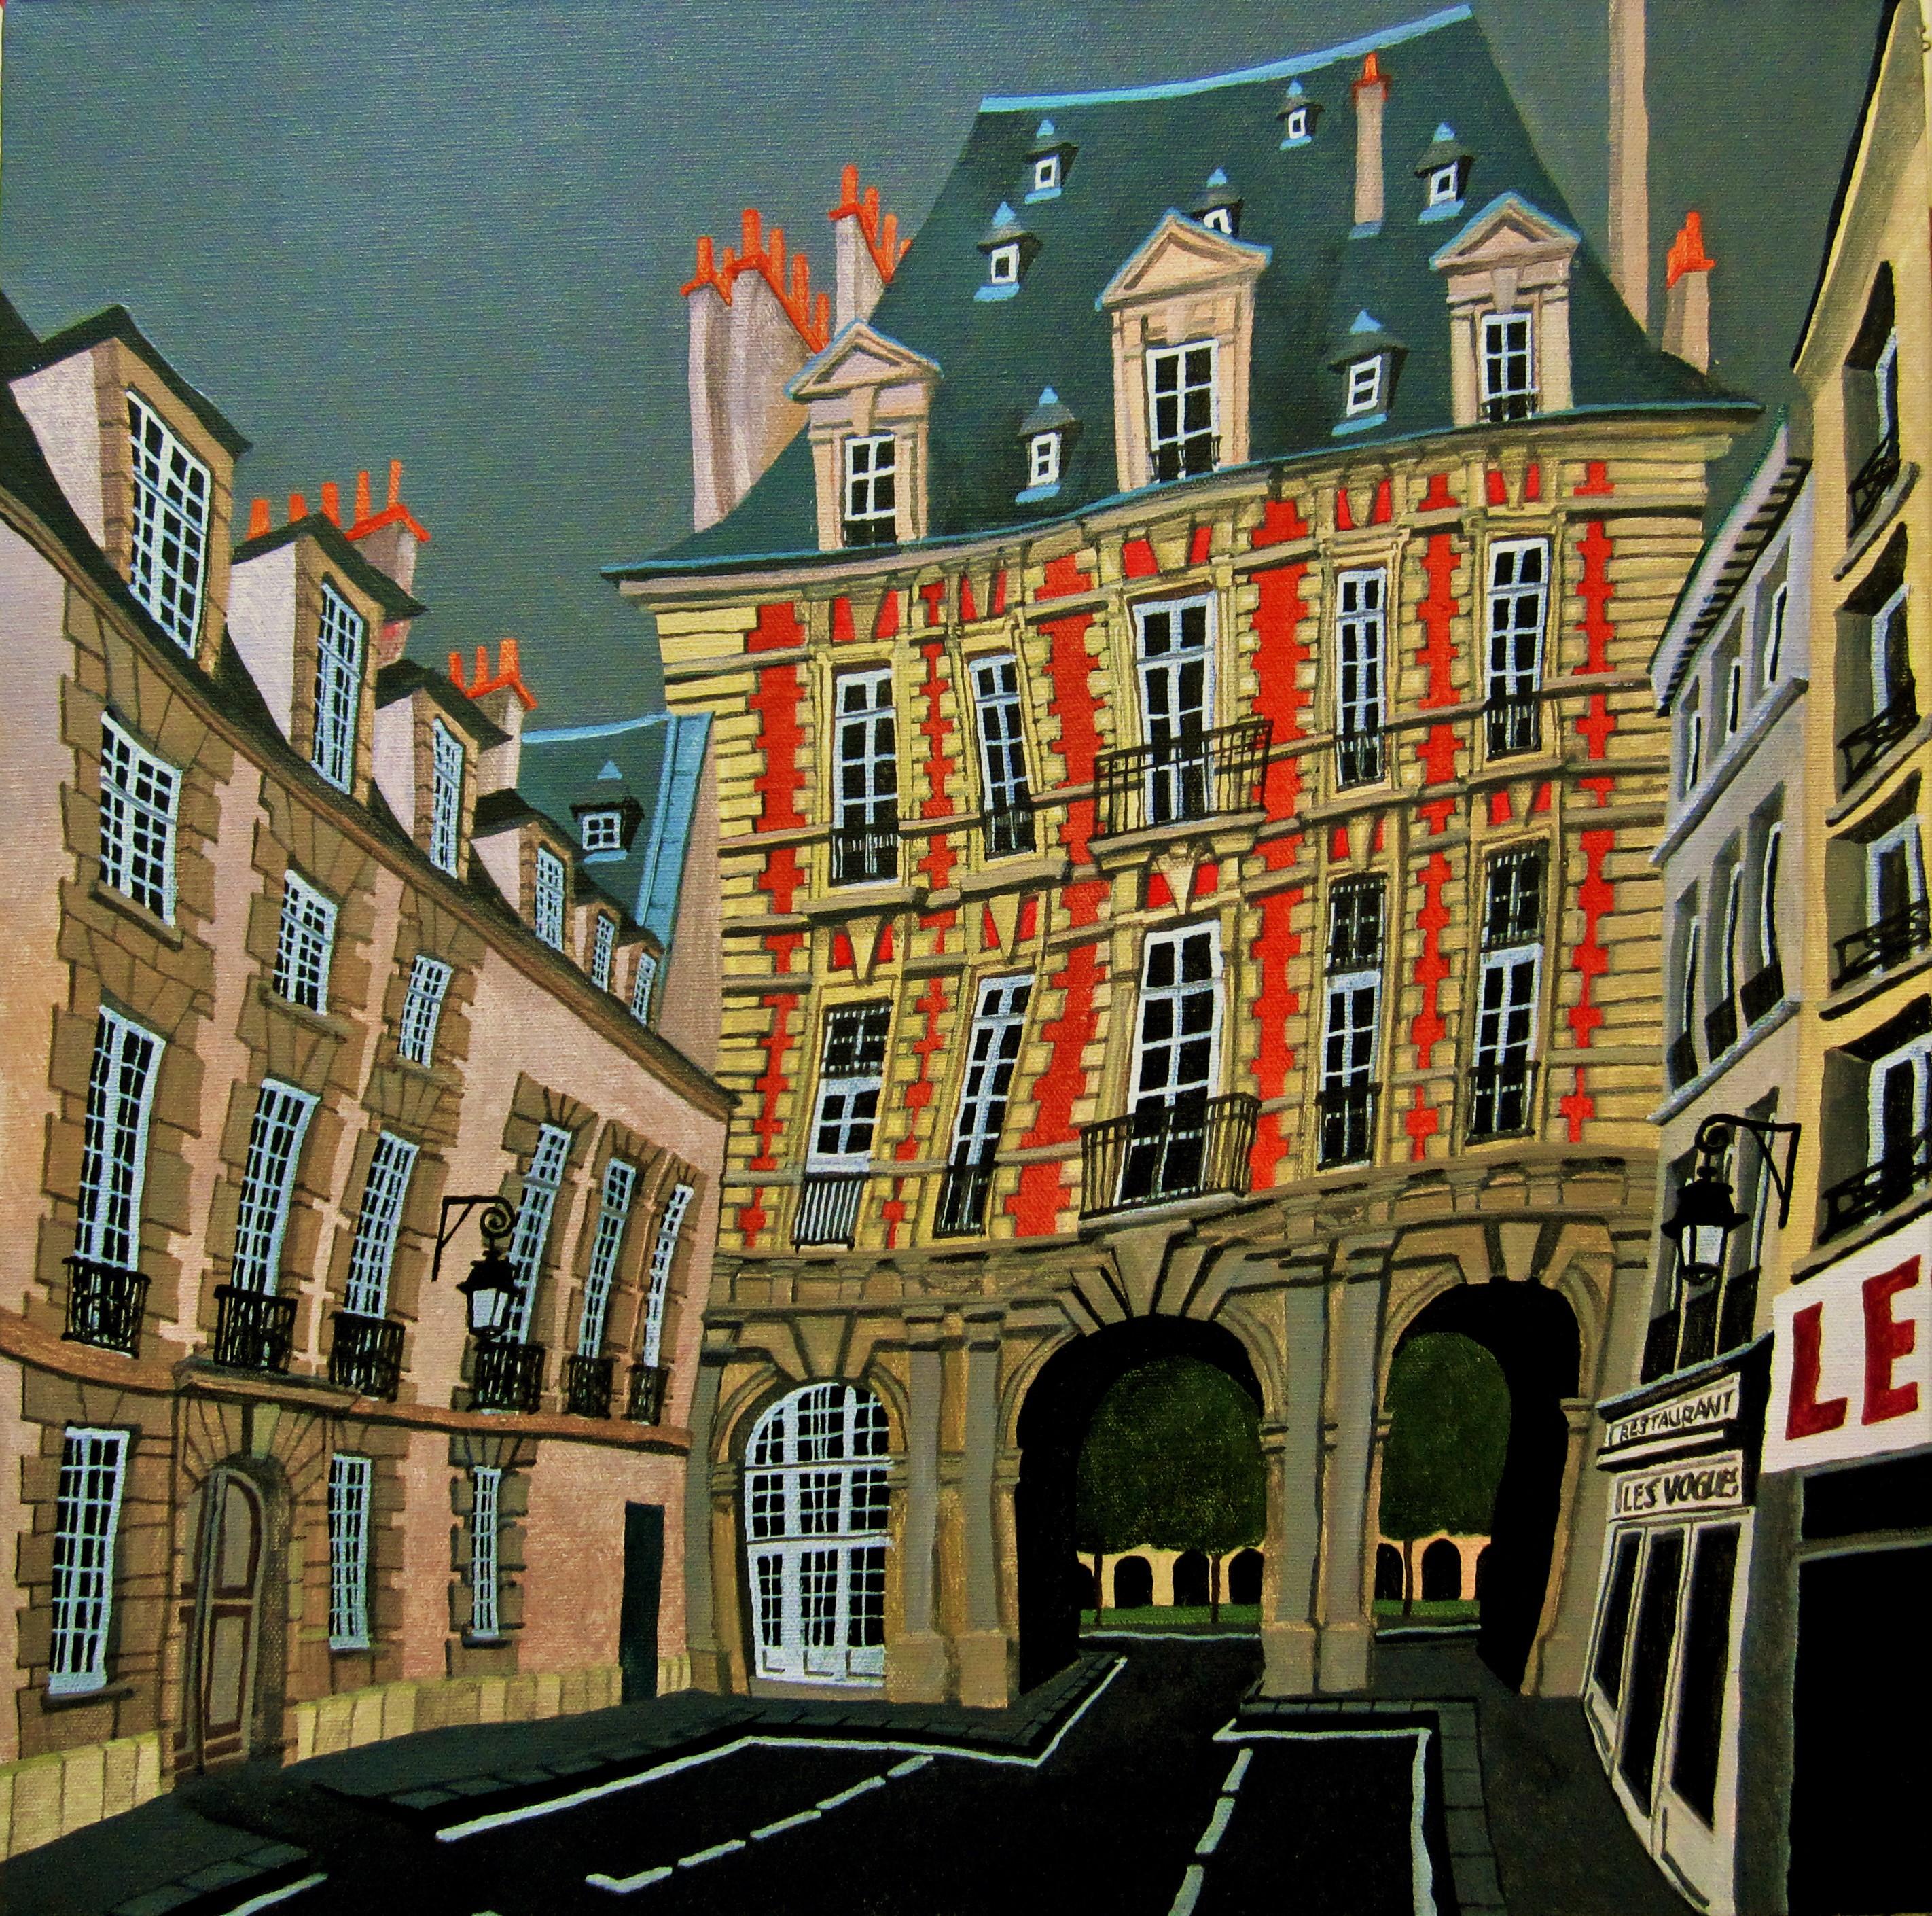 París, Le Marais. 4e arrondissemet. Des Vosges.